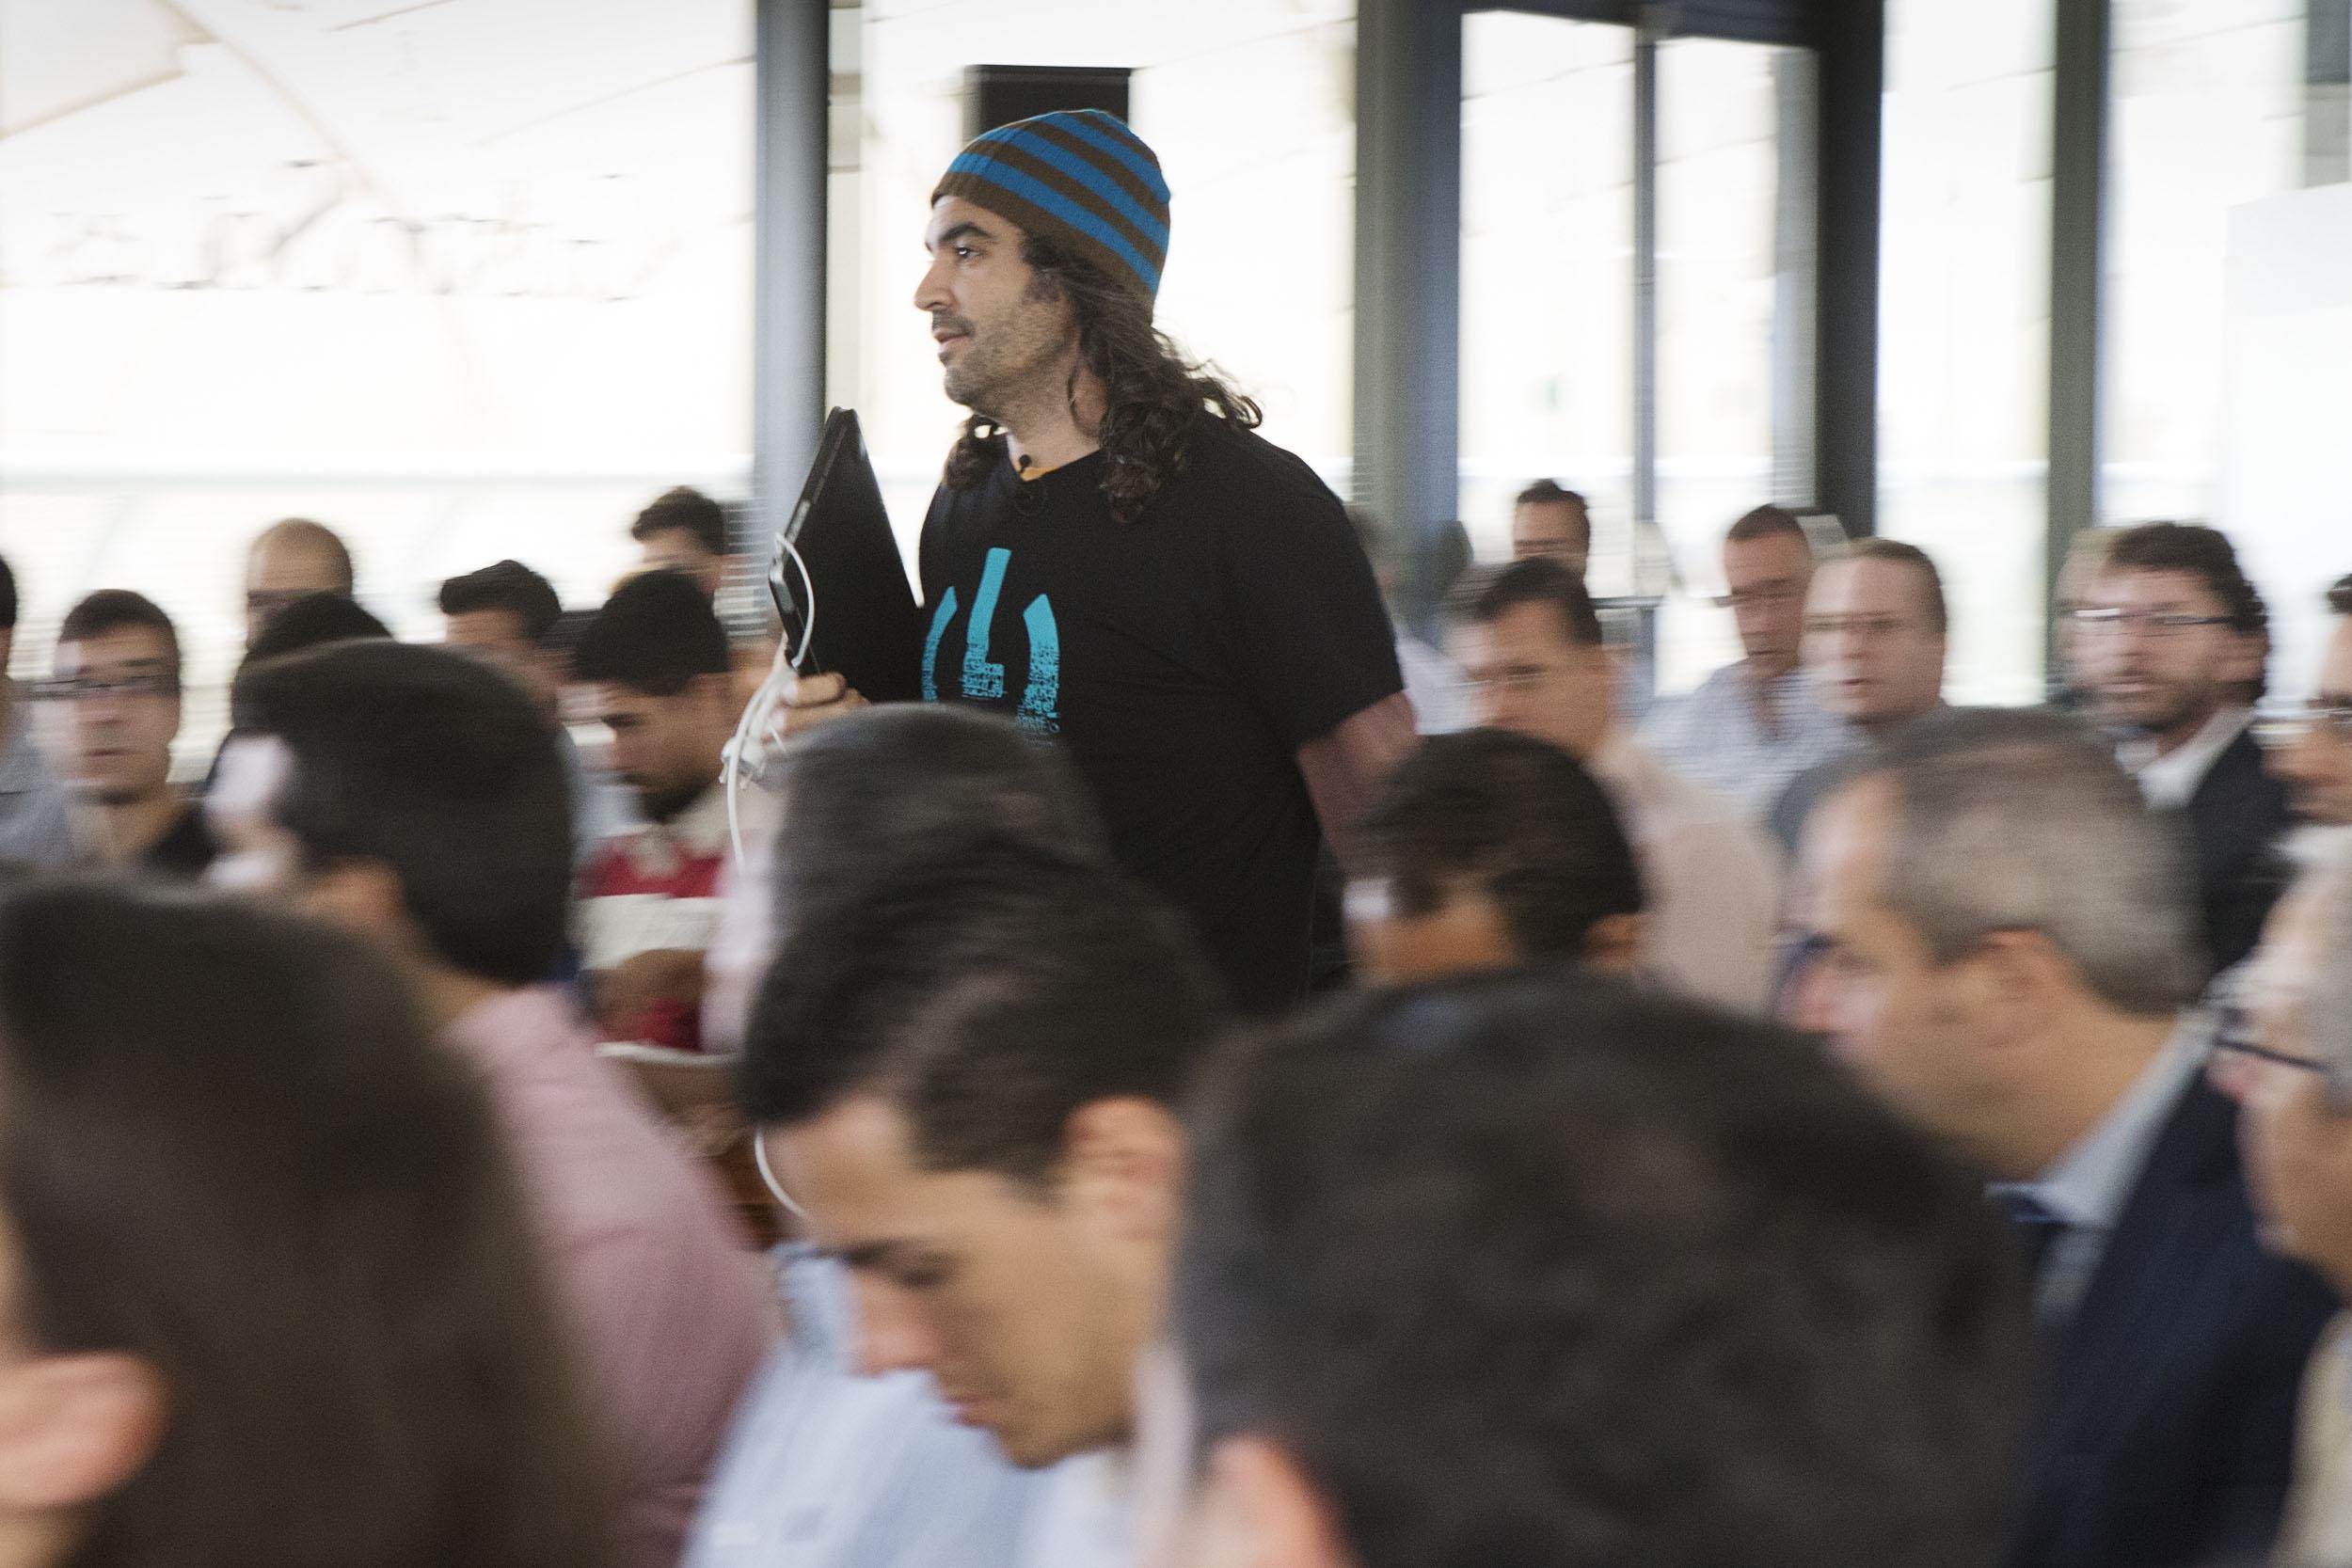 Chema Alonso, ayer en las Setas de la Encarnación, donde ofreció su ponencia dentro del encuentro 'Ciberseguridad en la red' organizado por El Correo. / PEPO HERRERA